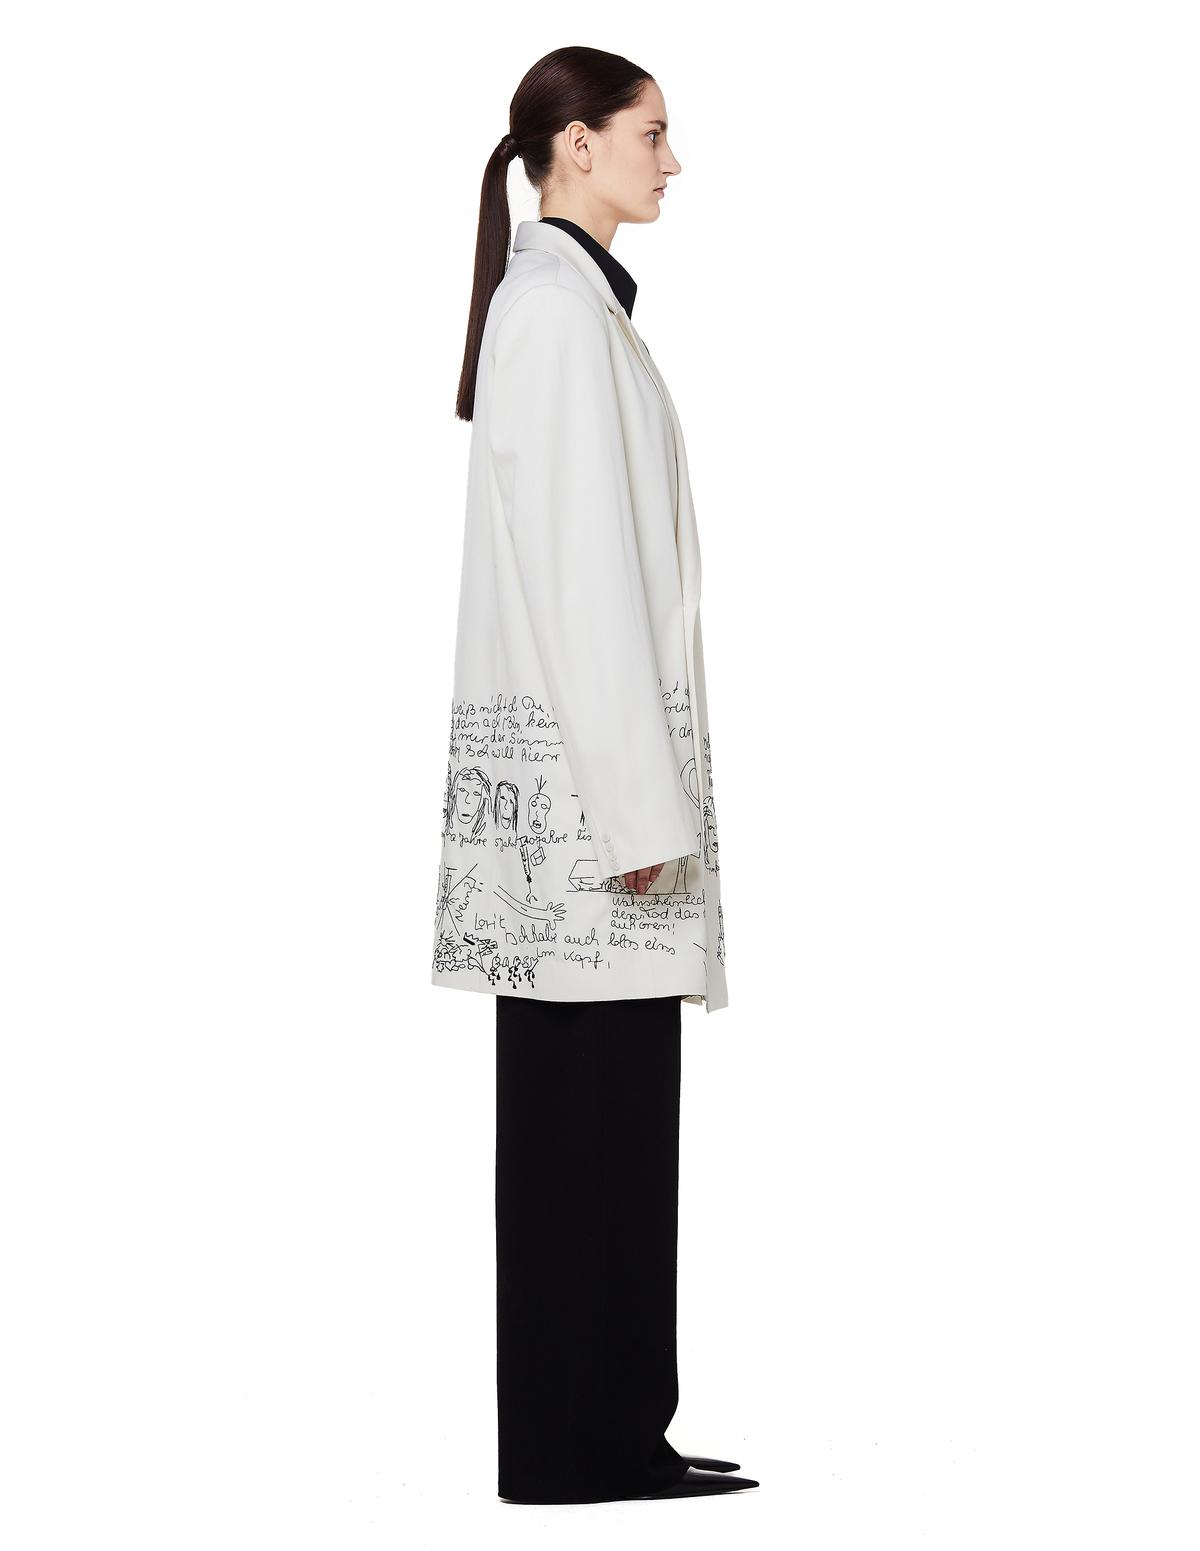 065cc29e9ae0 Unisex Enfants Riches Deprimes Manteau De Lane Embroidered Wool Coat ...